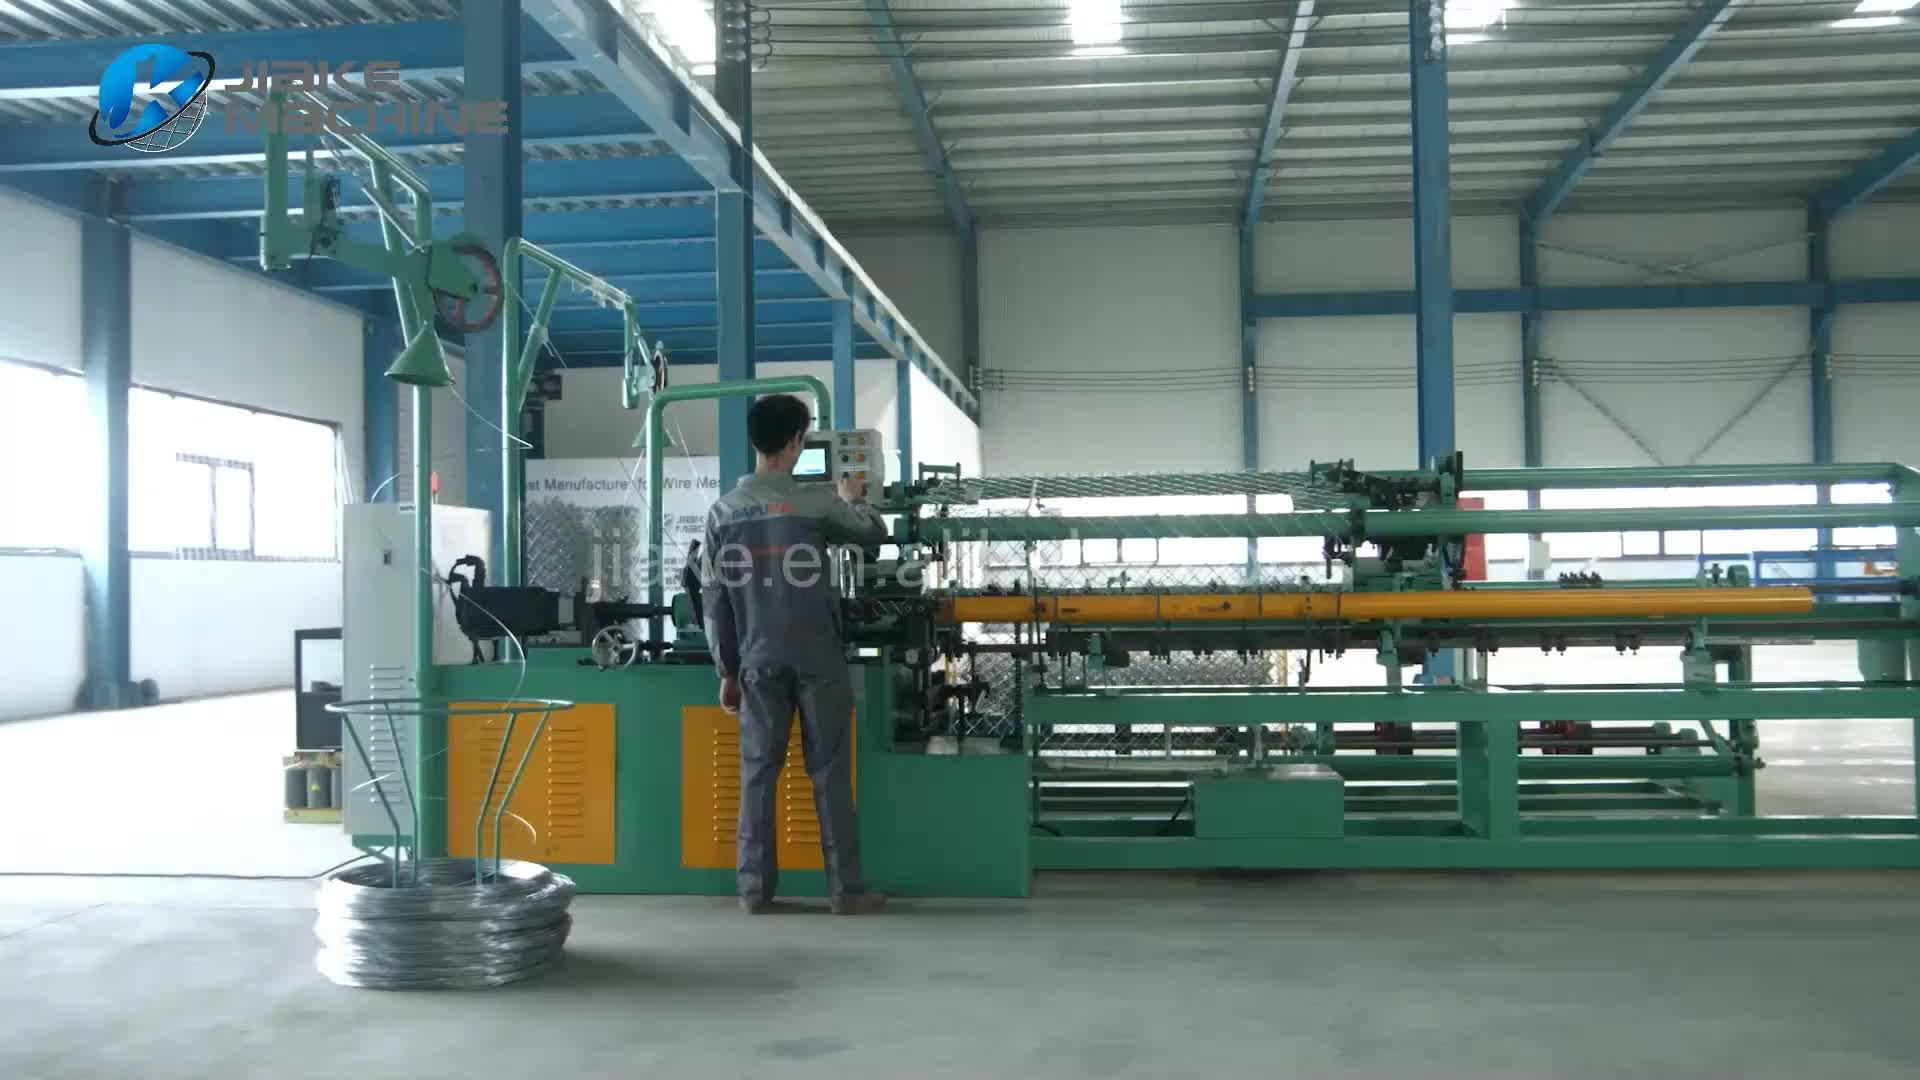 Alta velocidade automático cheio de diamante galvanizado malha elo da cadeia vedação preço da máquina